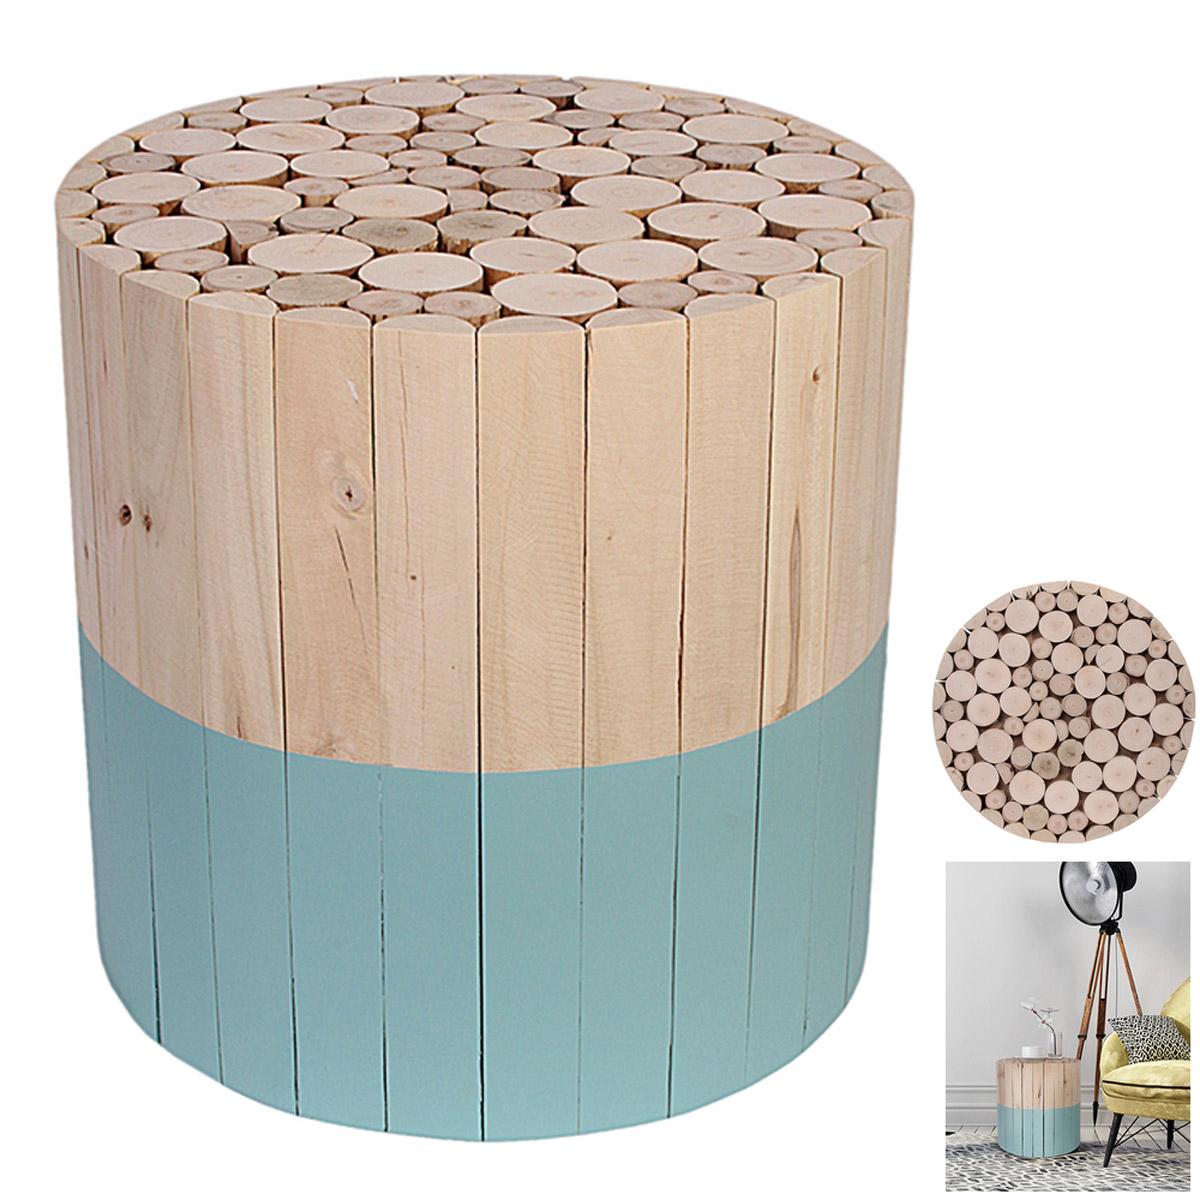 Tabouret bois \'Rondins de bois\' bleu beige - 30x30 cm  - [R2407]